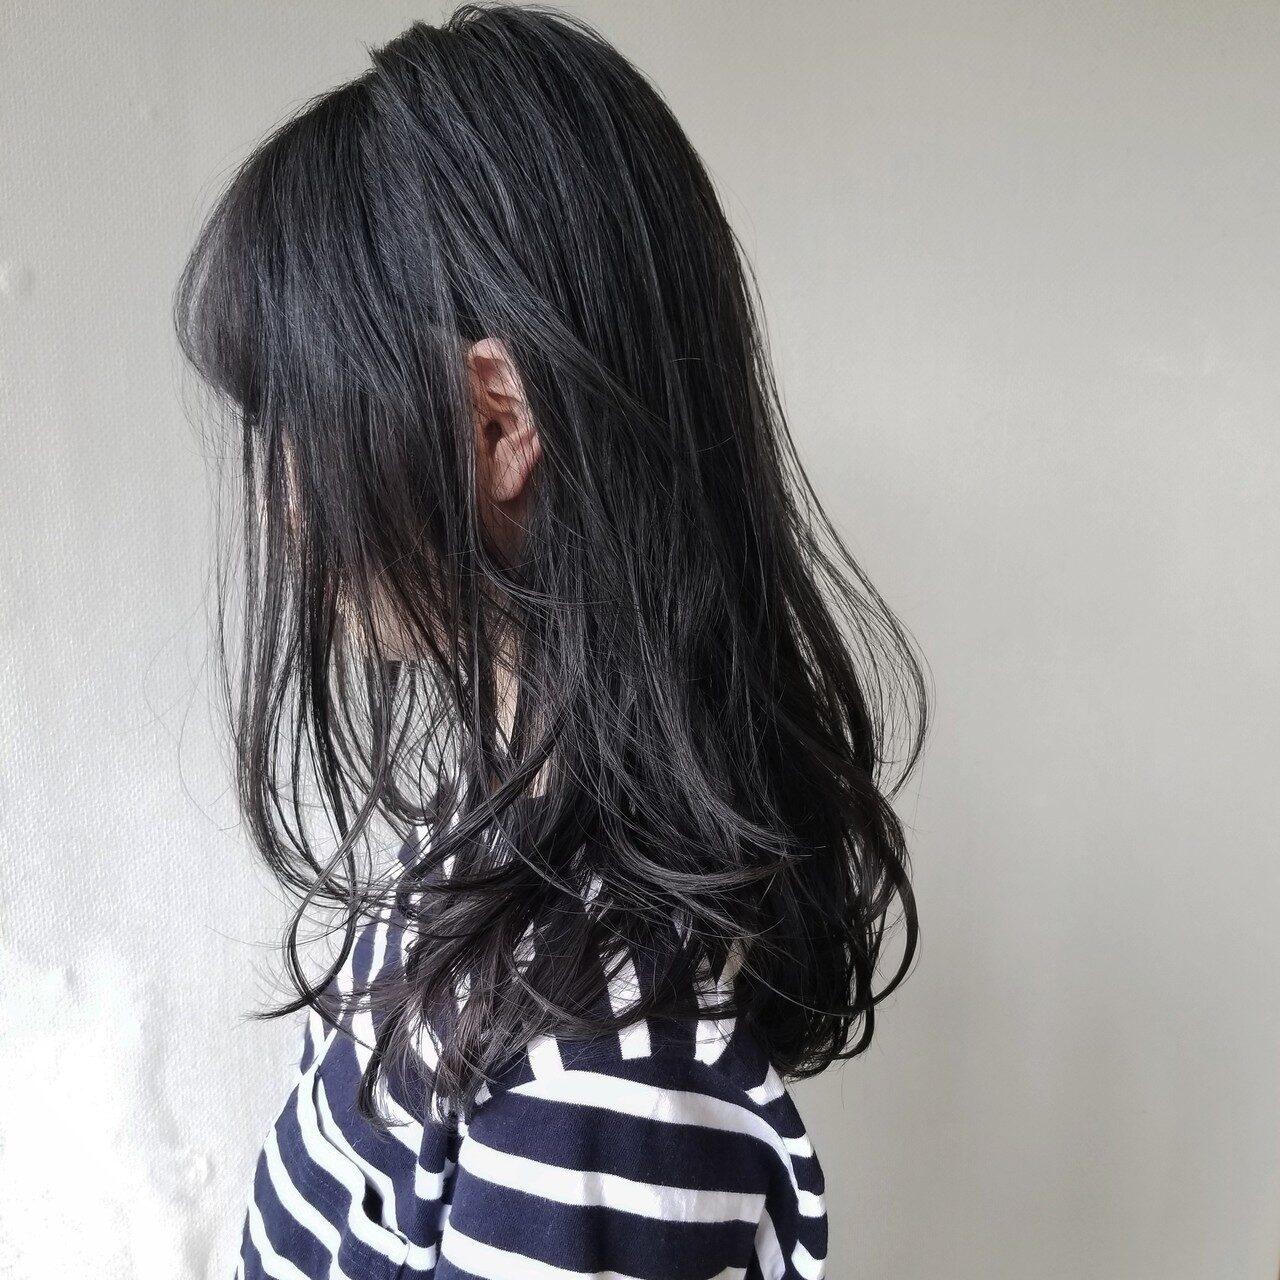 大注目のアッシュブラックって?カラーの特徴とおすすめヘアスタイルを徹底解説♡